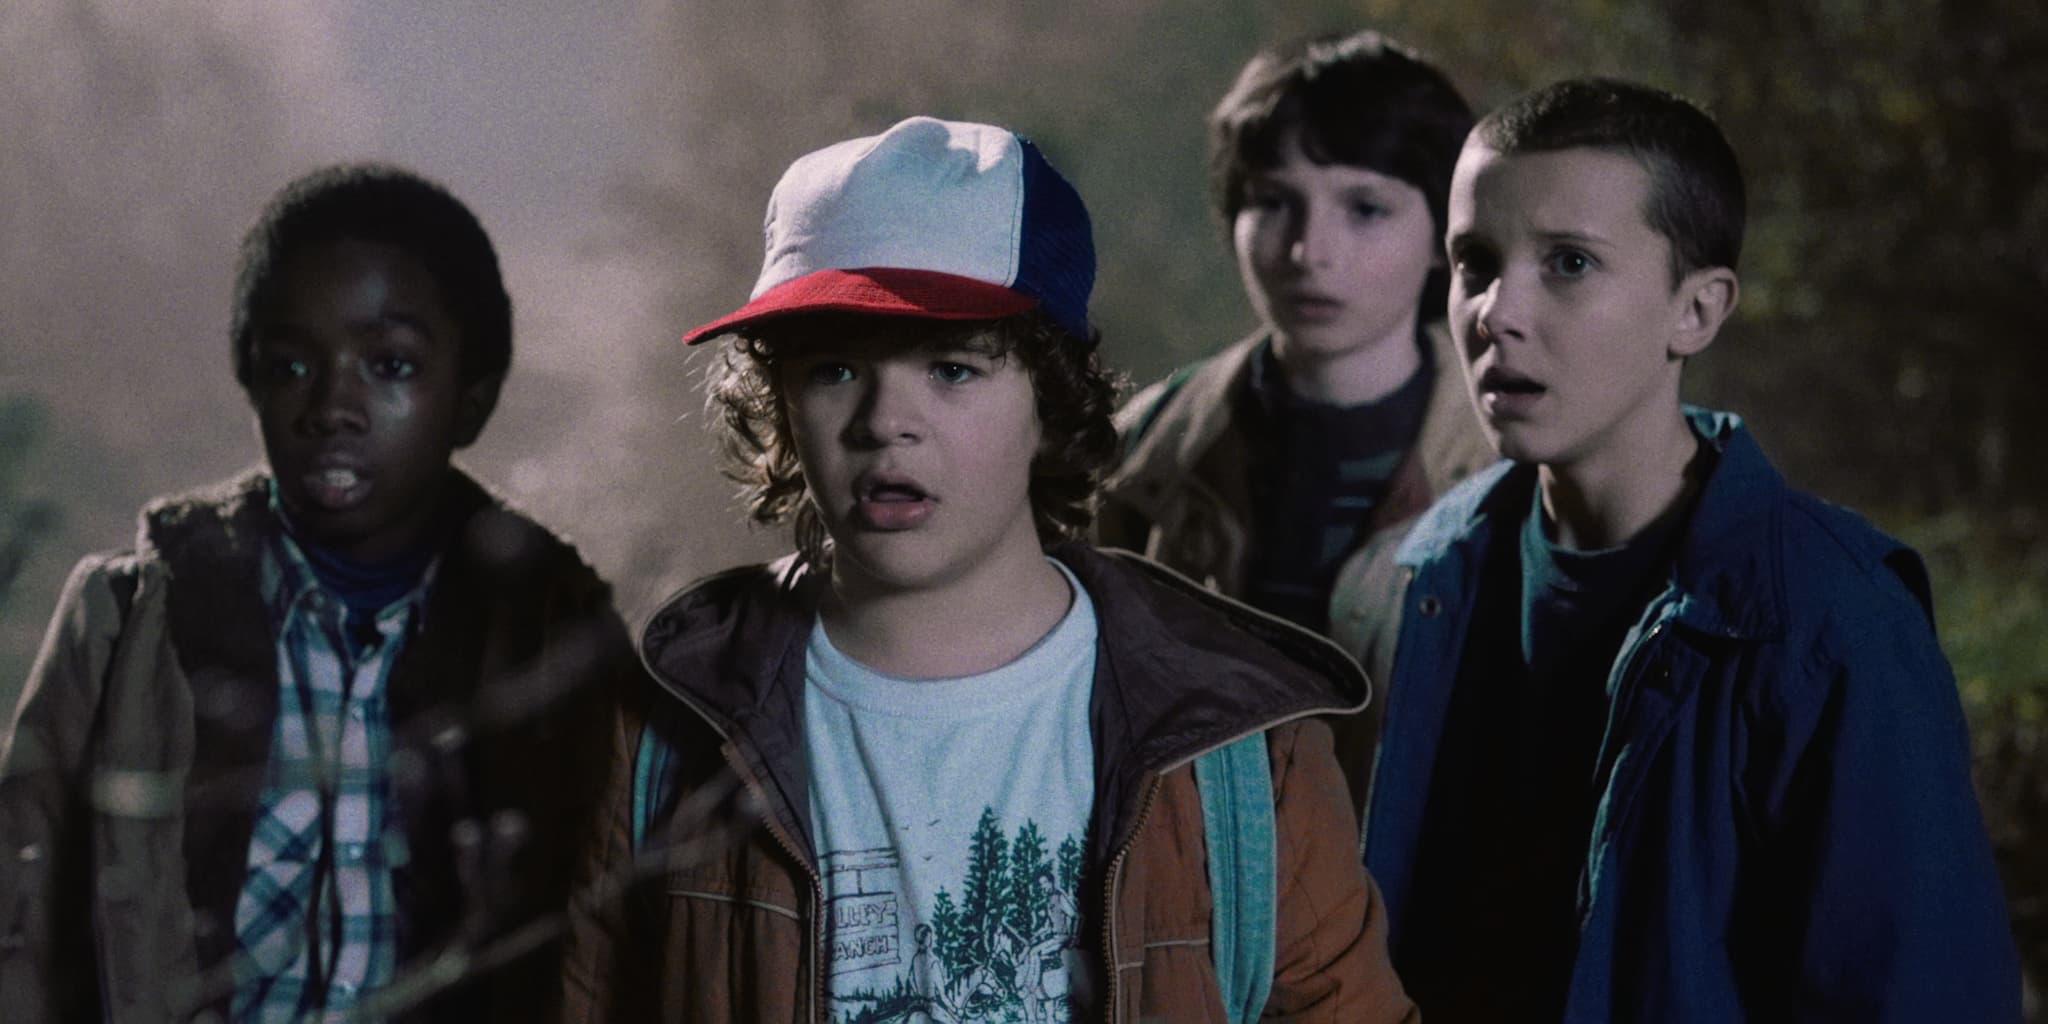 'Stranger Things' receiving strange reviews